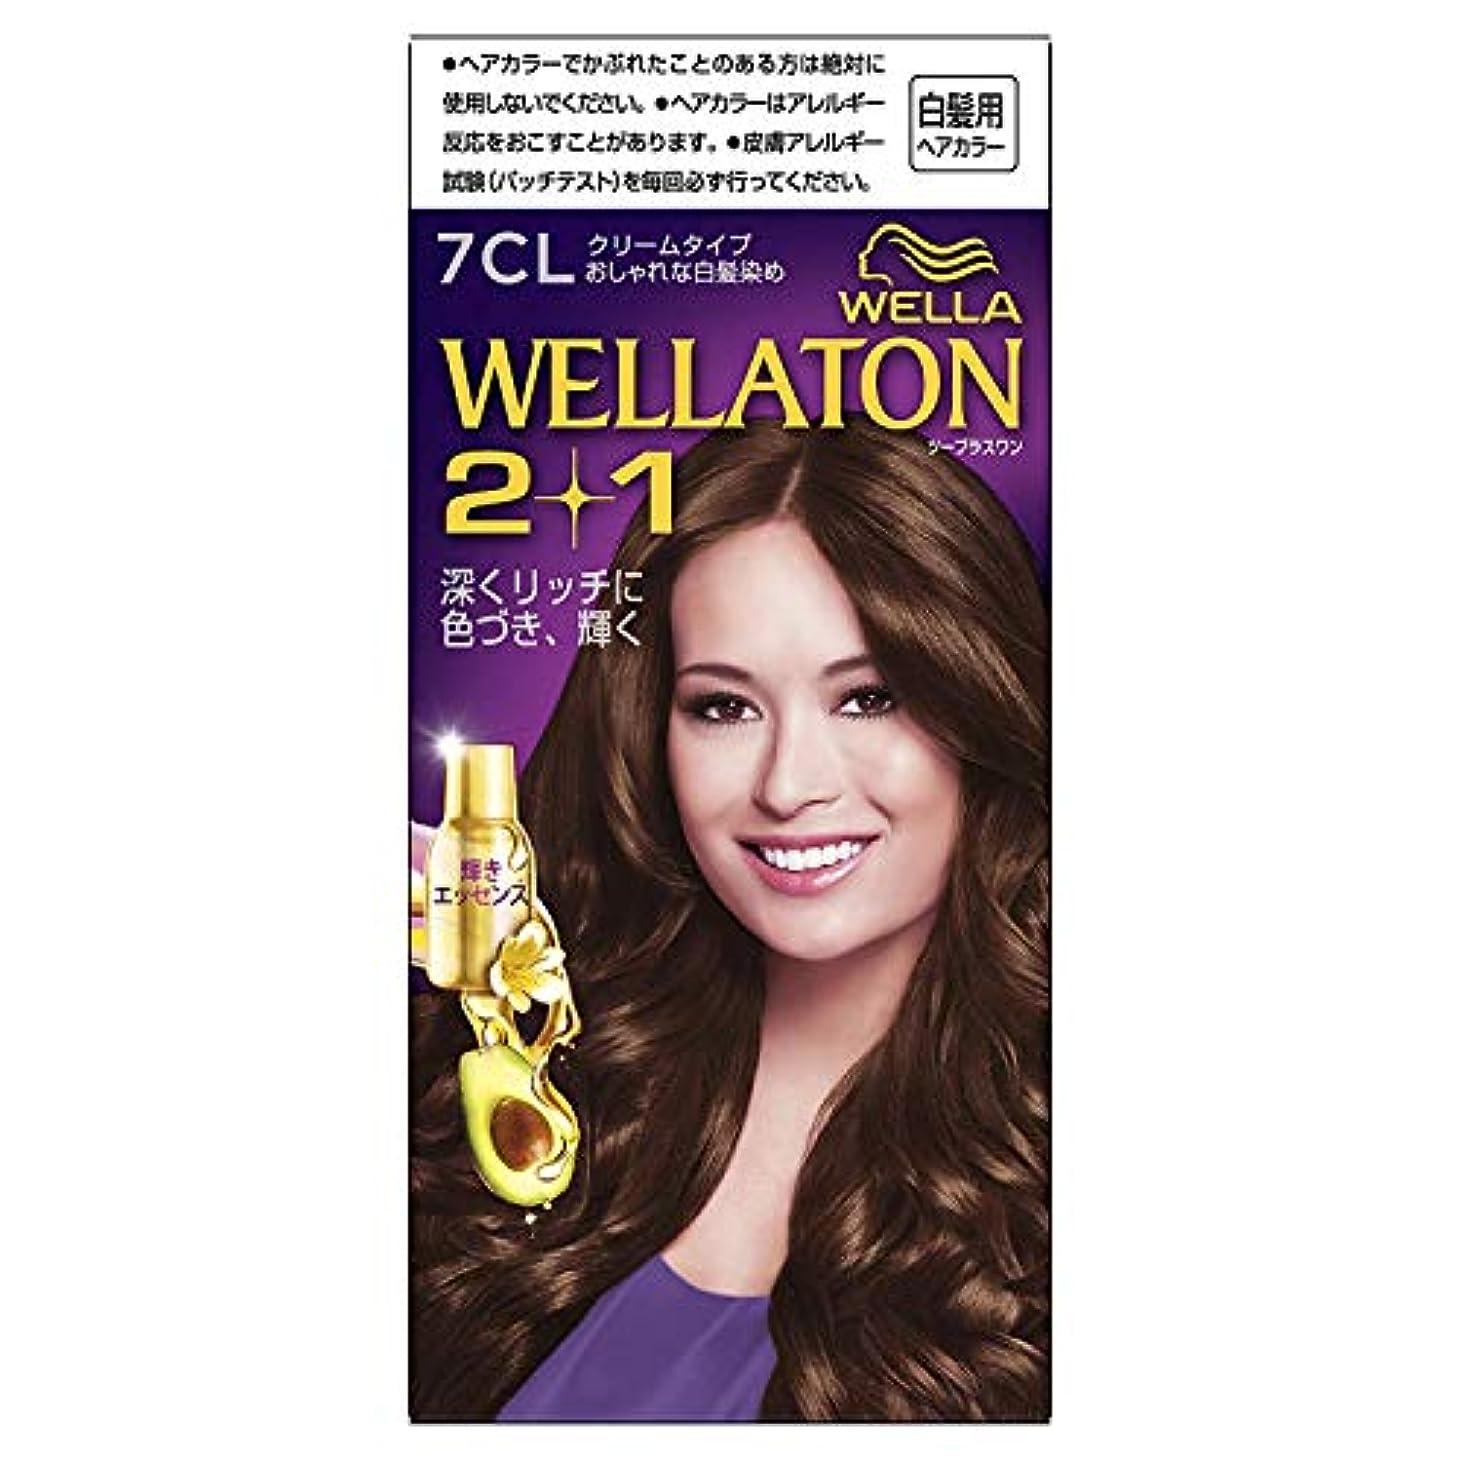 発言する増幅する反逆ウエラトーン2+1 白髪染め クリームタイプ 7CL [医薬部外品] ×6個